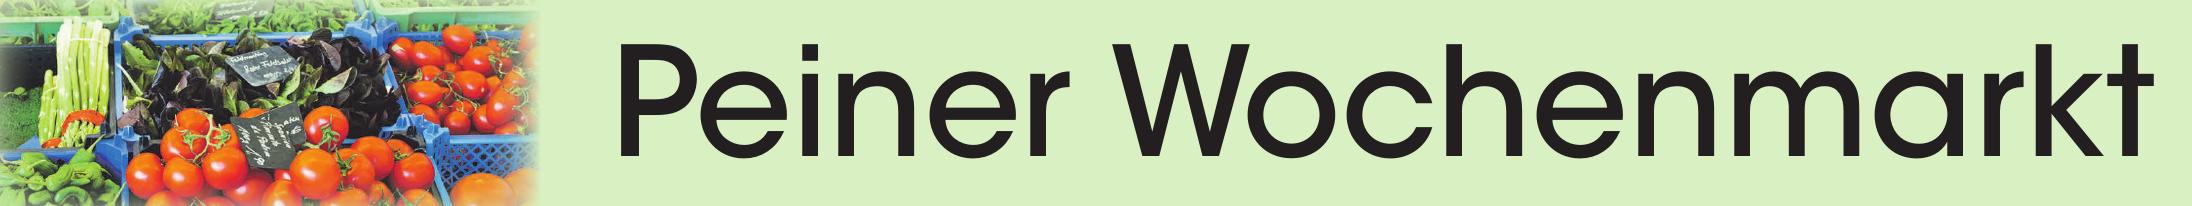 Peiner Wochenmarkt Image 1